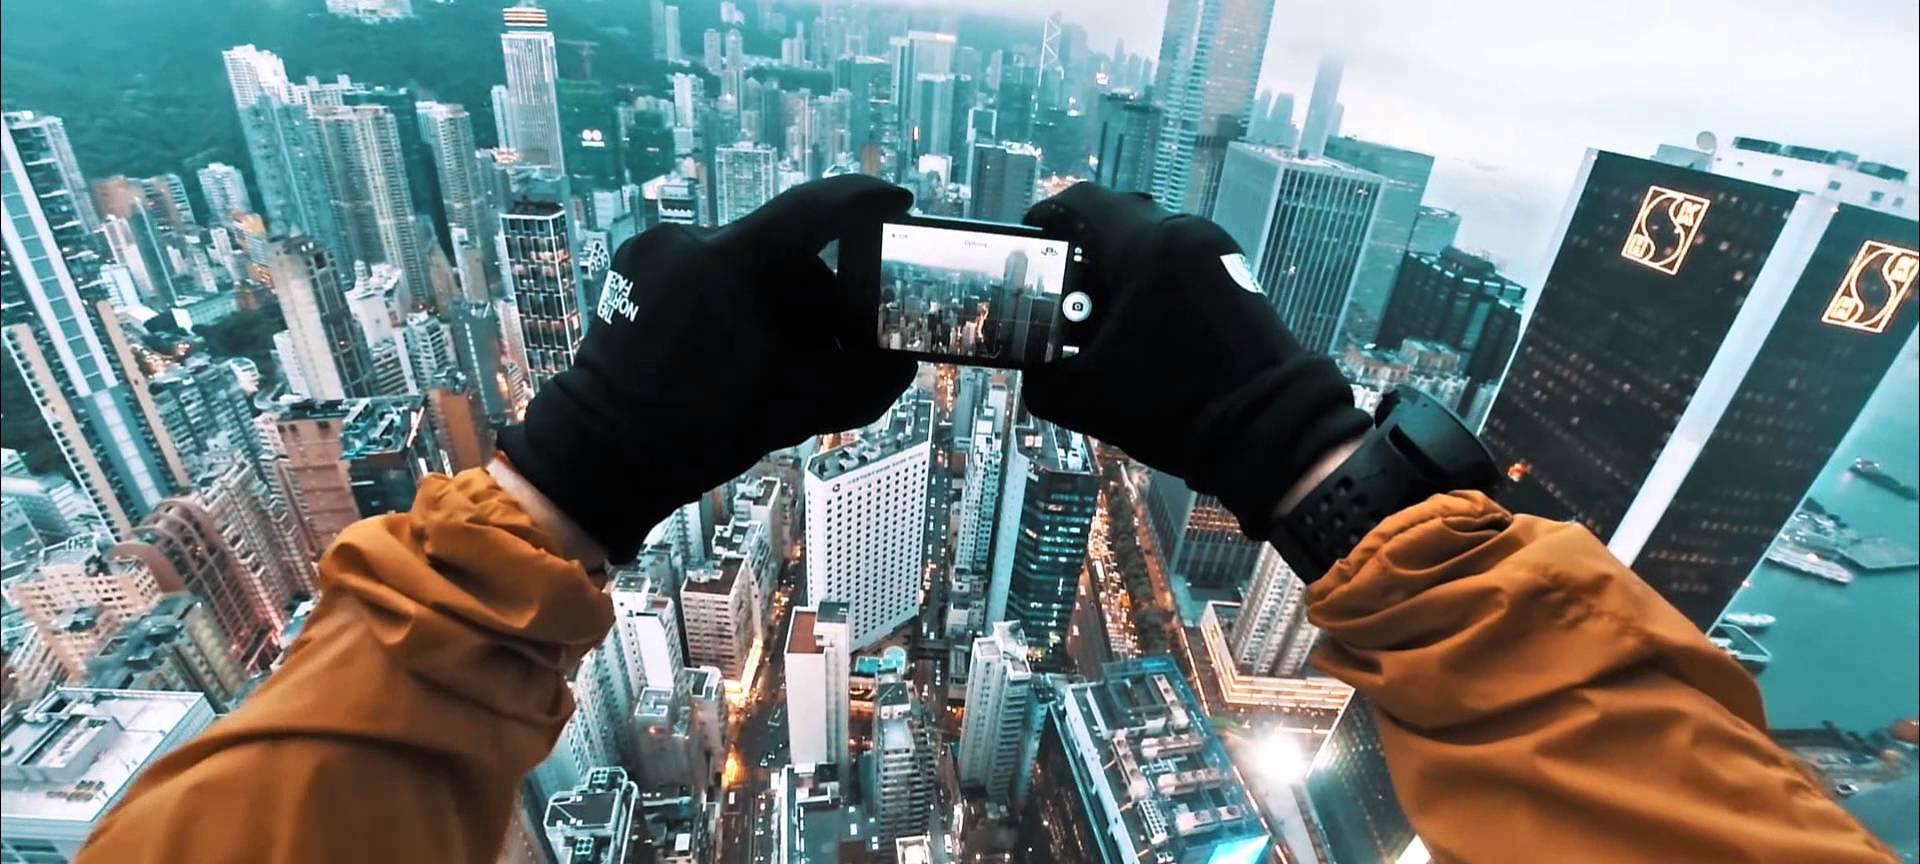 Piratage d'un écran géant sur le toit d'un immeuble d'Hong Kong